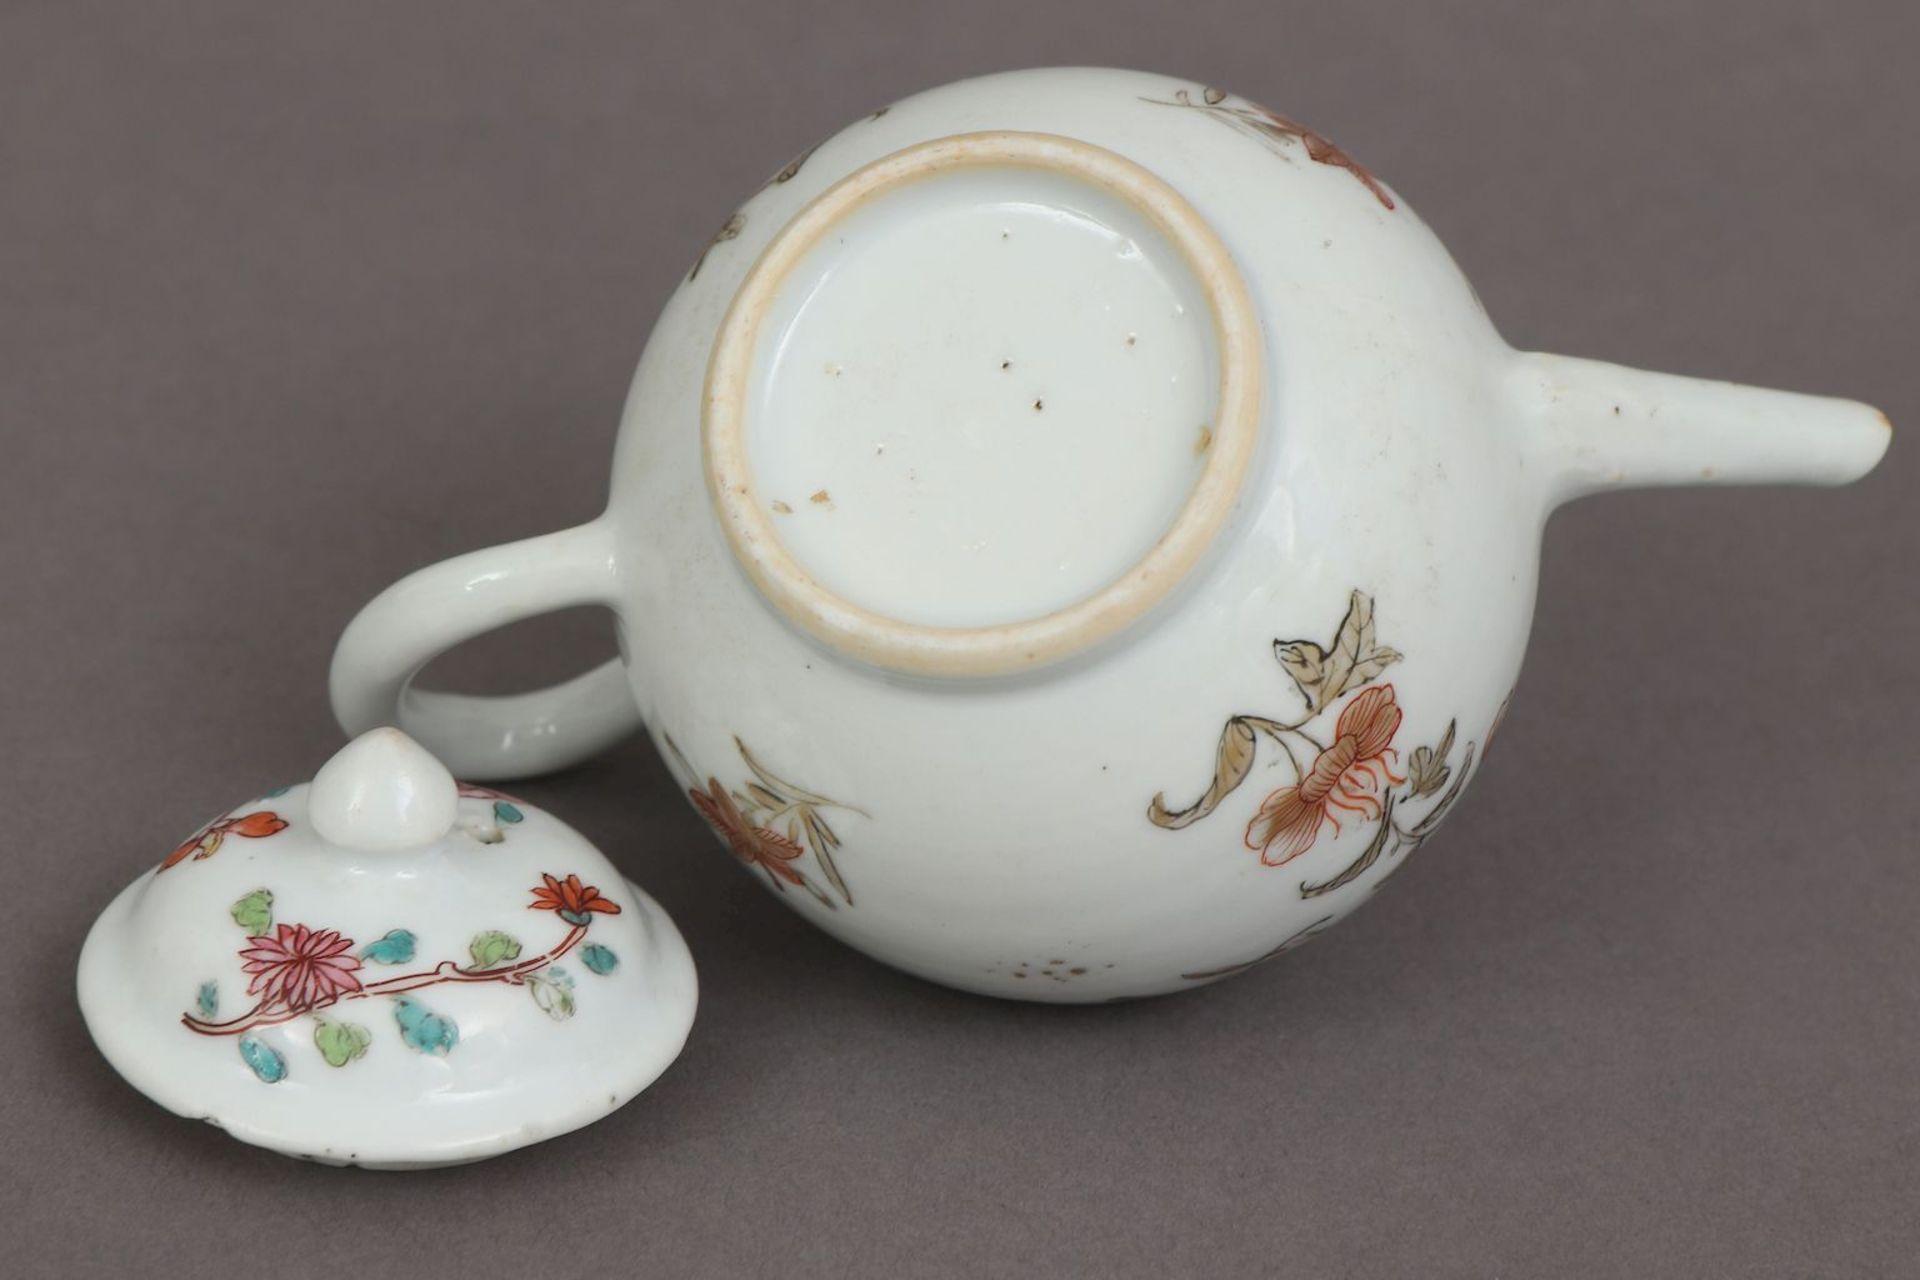 Kleines chinesisches Zeremonial-Teekännchen des 18. Jahrhunderts (Qing Dynastie) - Image 5 of 5